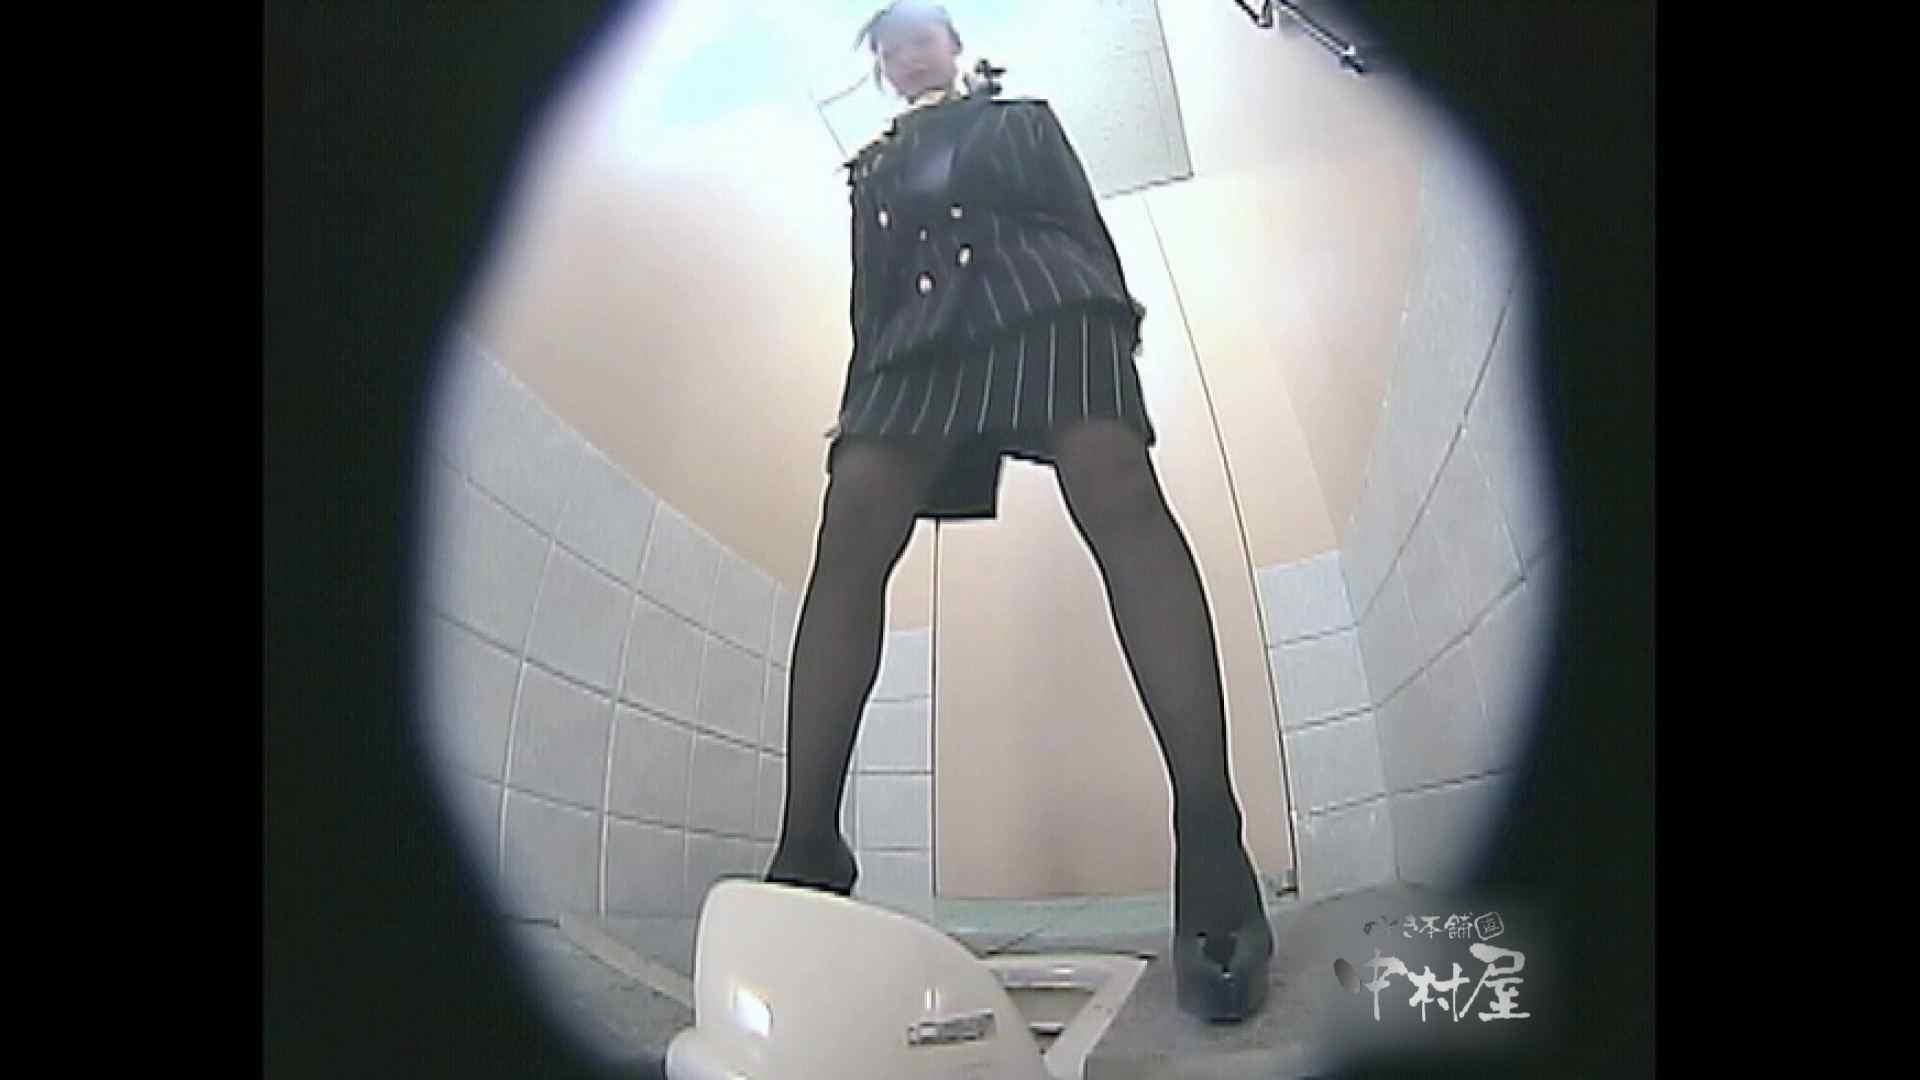 異業種交流会!!キャビンアテンダント編vol.13 うんこ ヌード画像 87連発 54